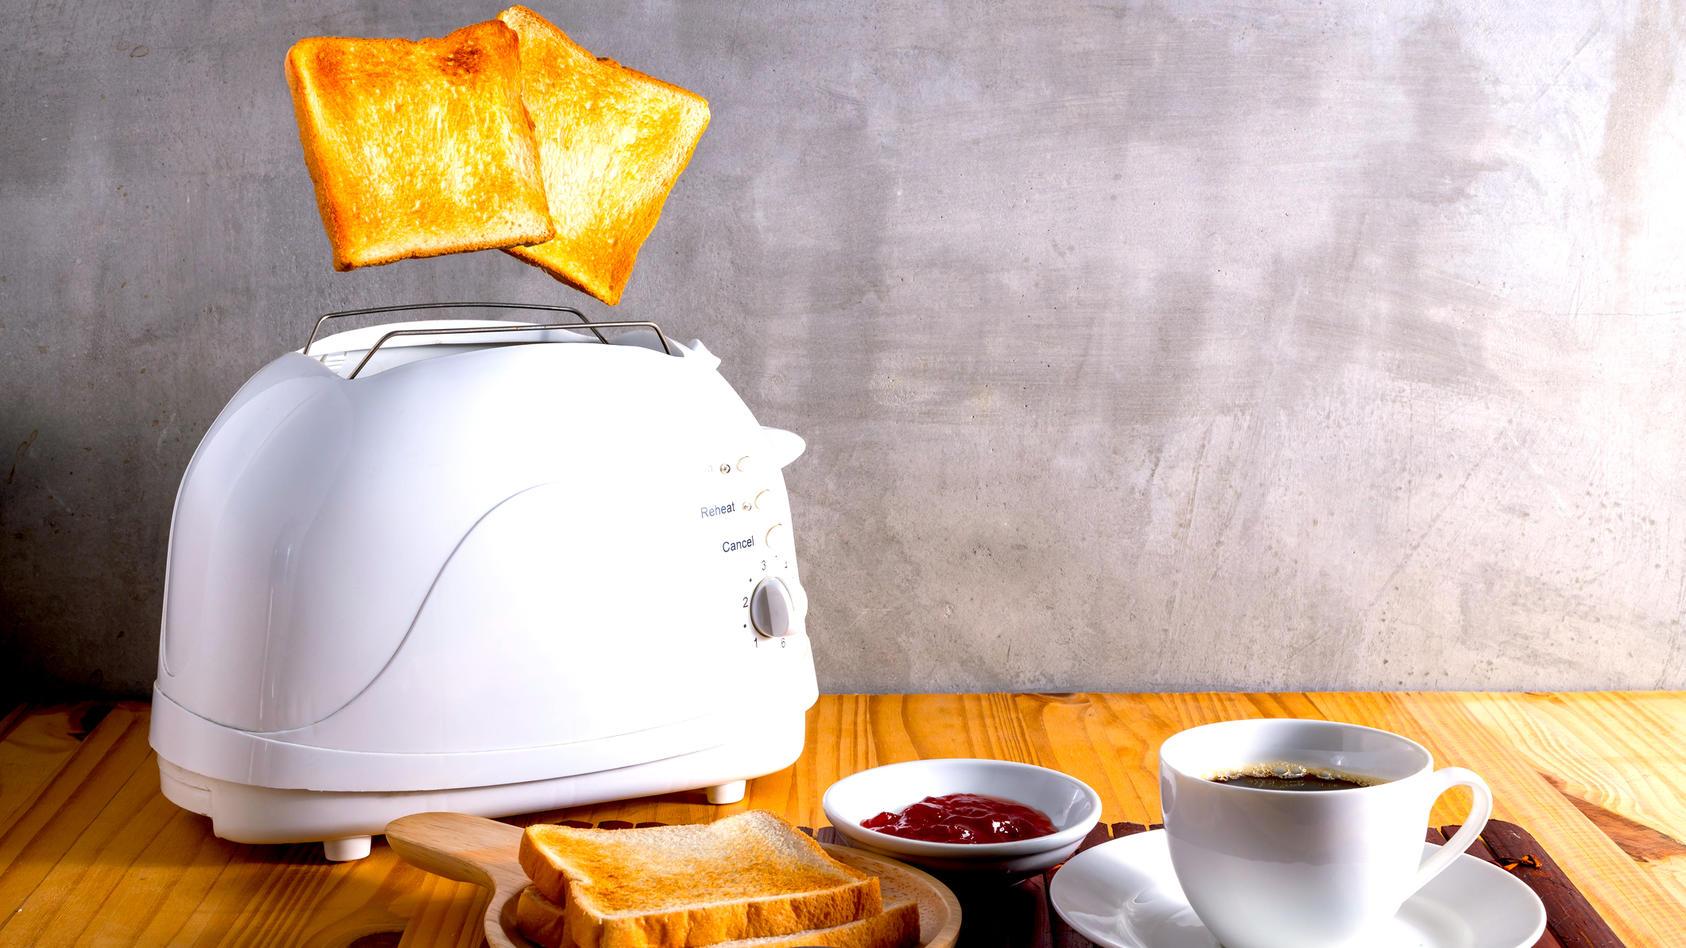 Die Nummern auf den Toastern zeigen nicht die Minuten an